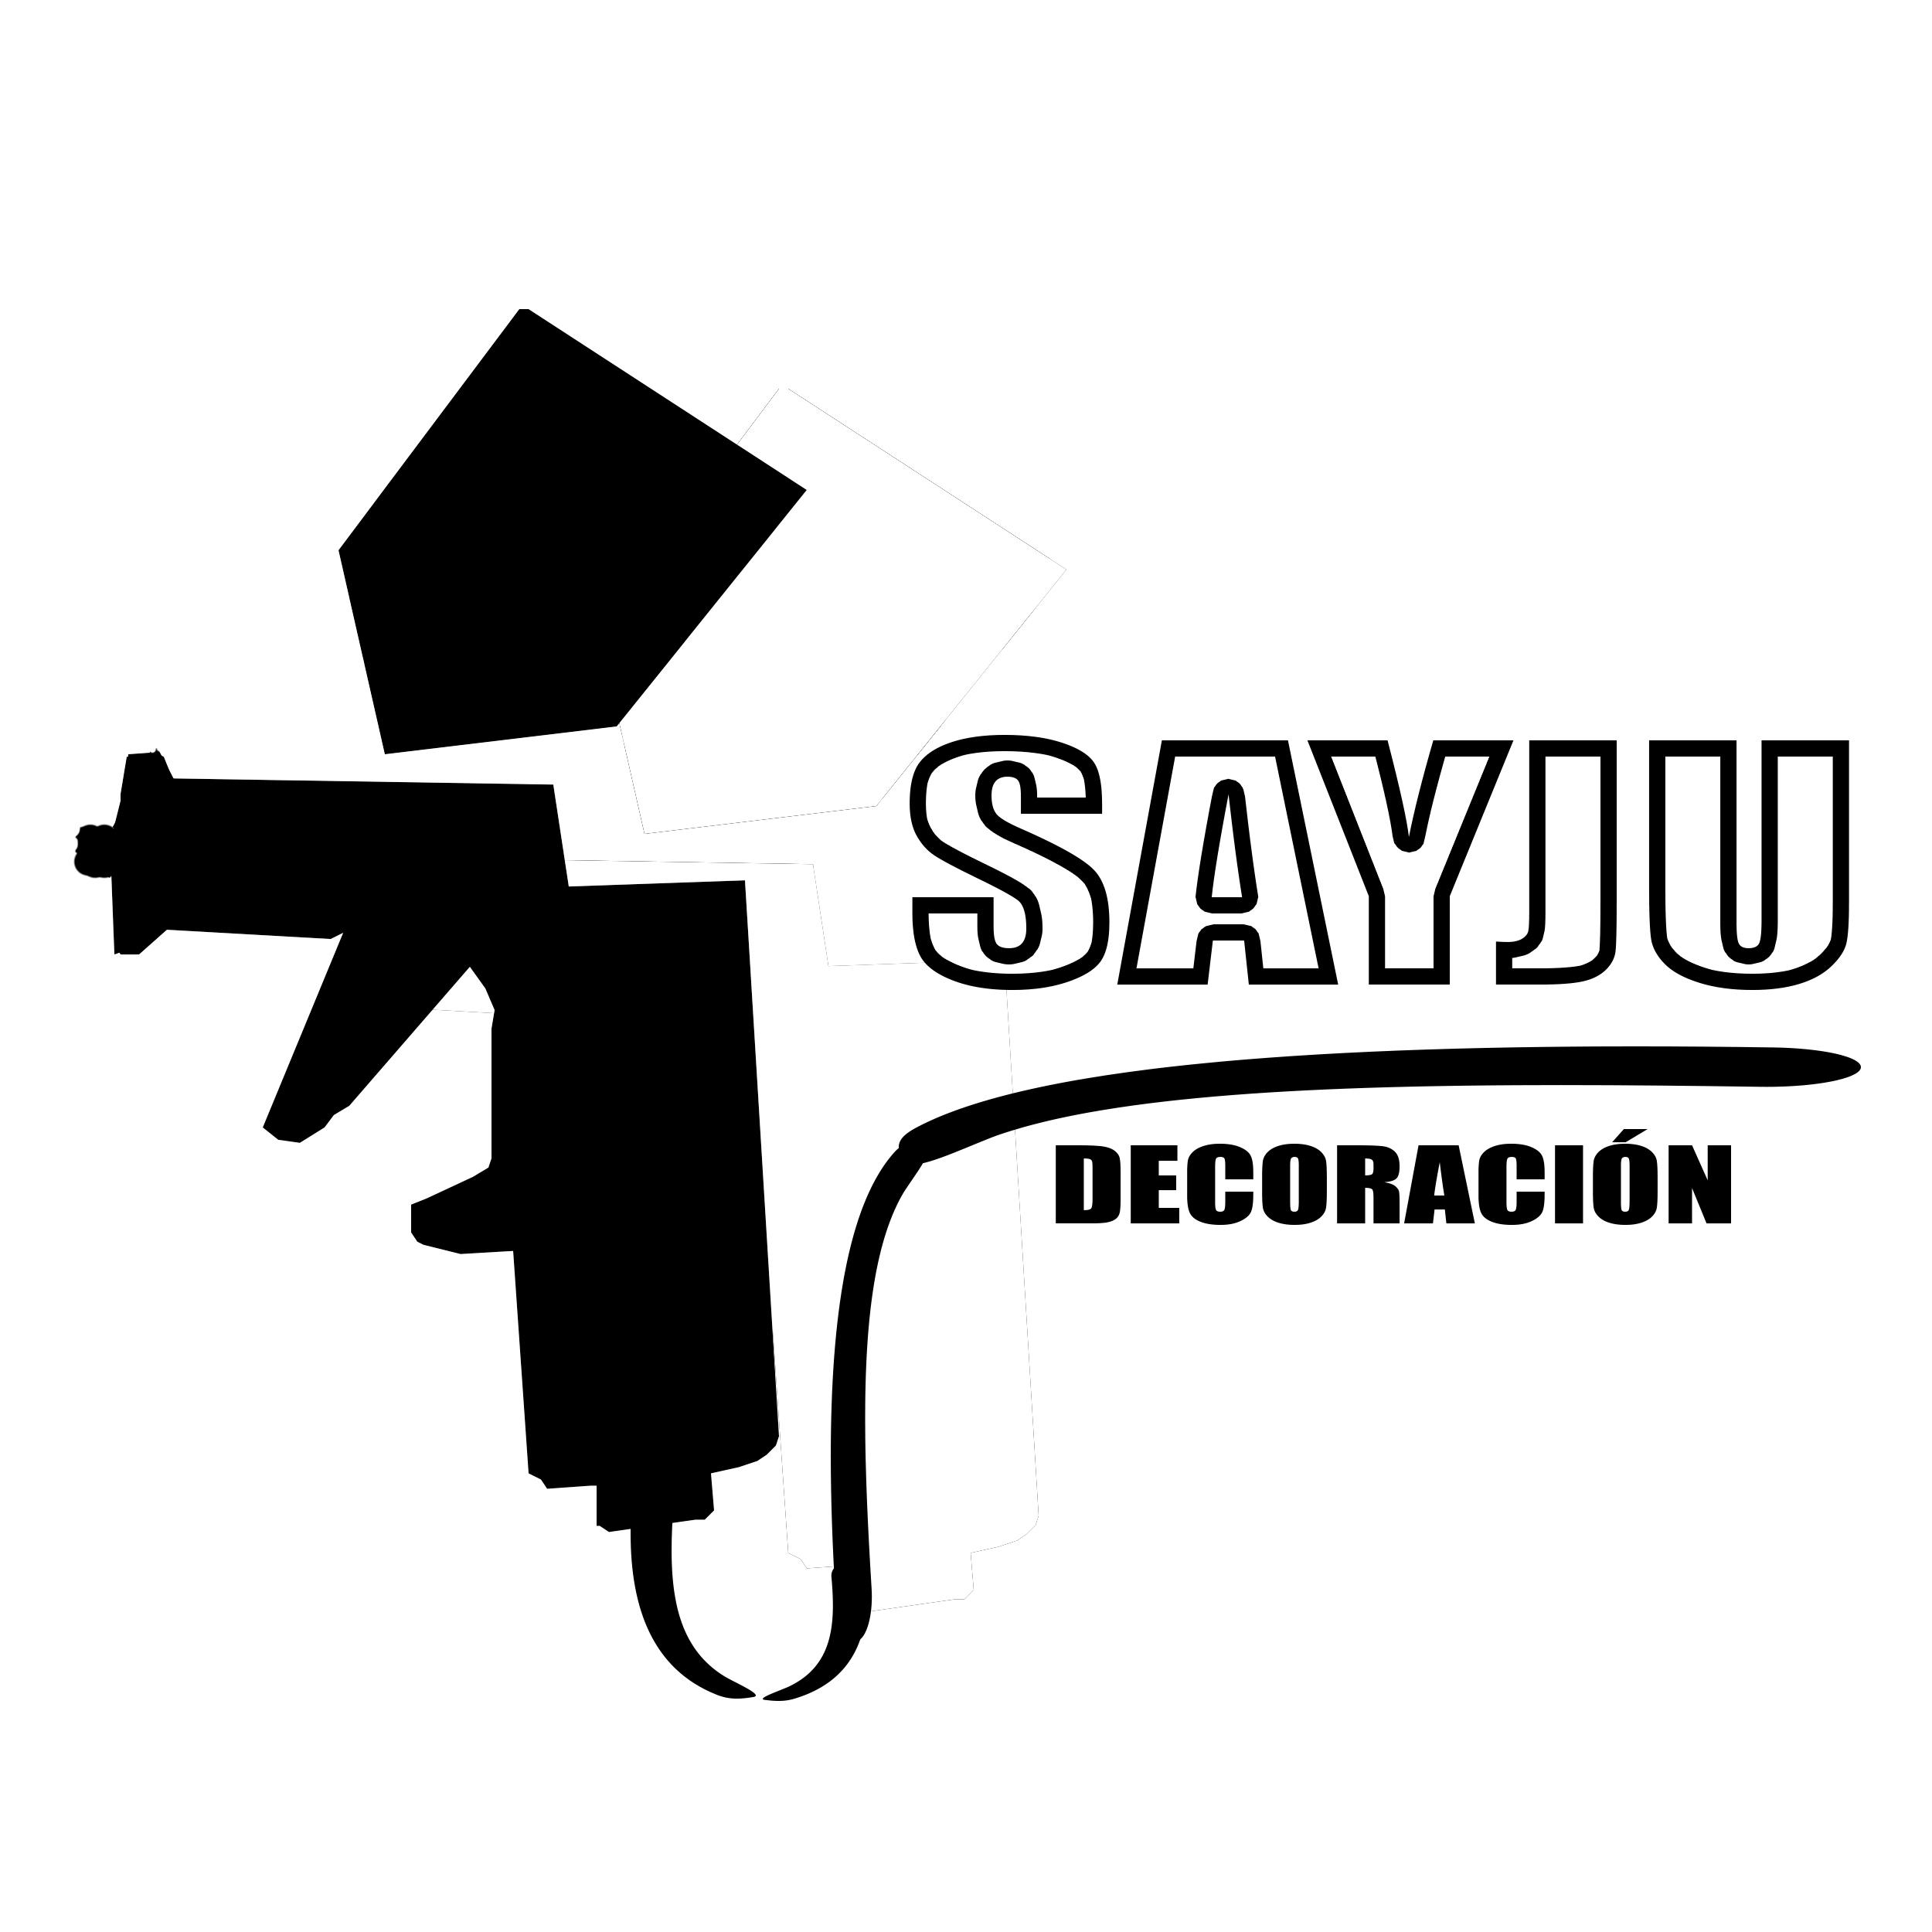 Sayju Decoracion